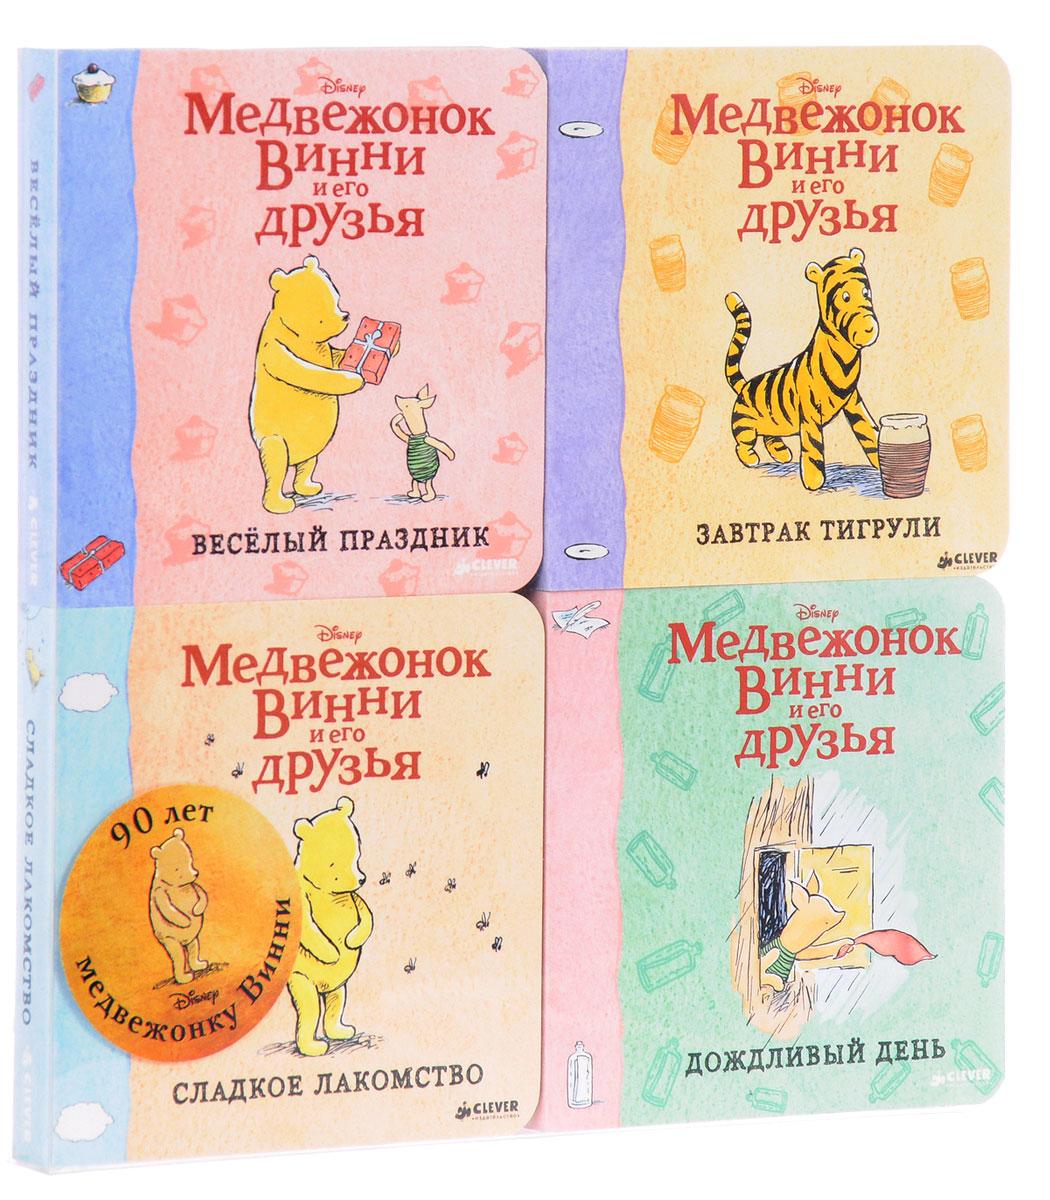 Медвежонок Винни и его друзья (комплект из 4 книг) медвежонок винни и его друзья комплект из четырёх книг издательство клевер ут 00013483